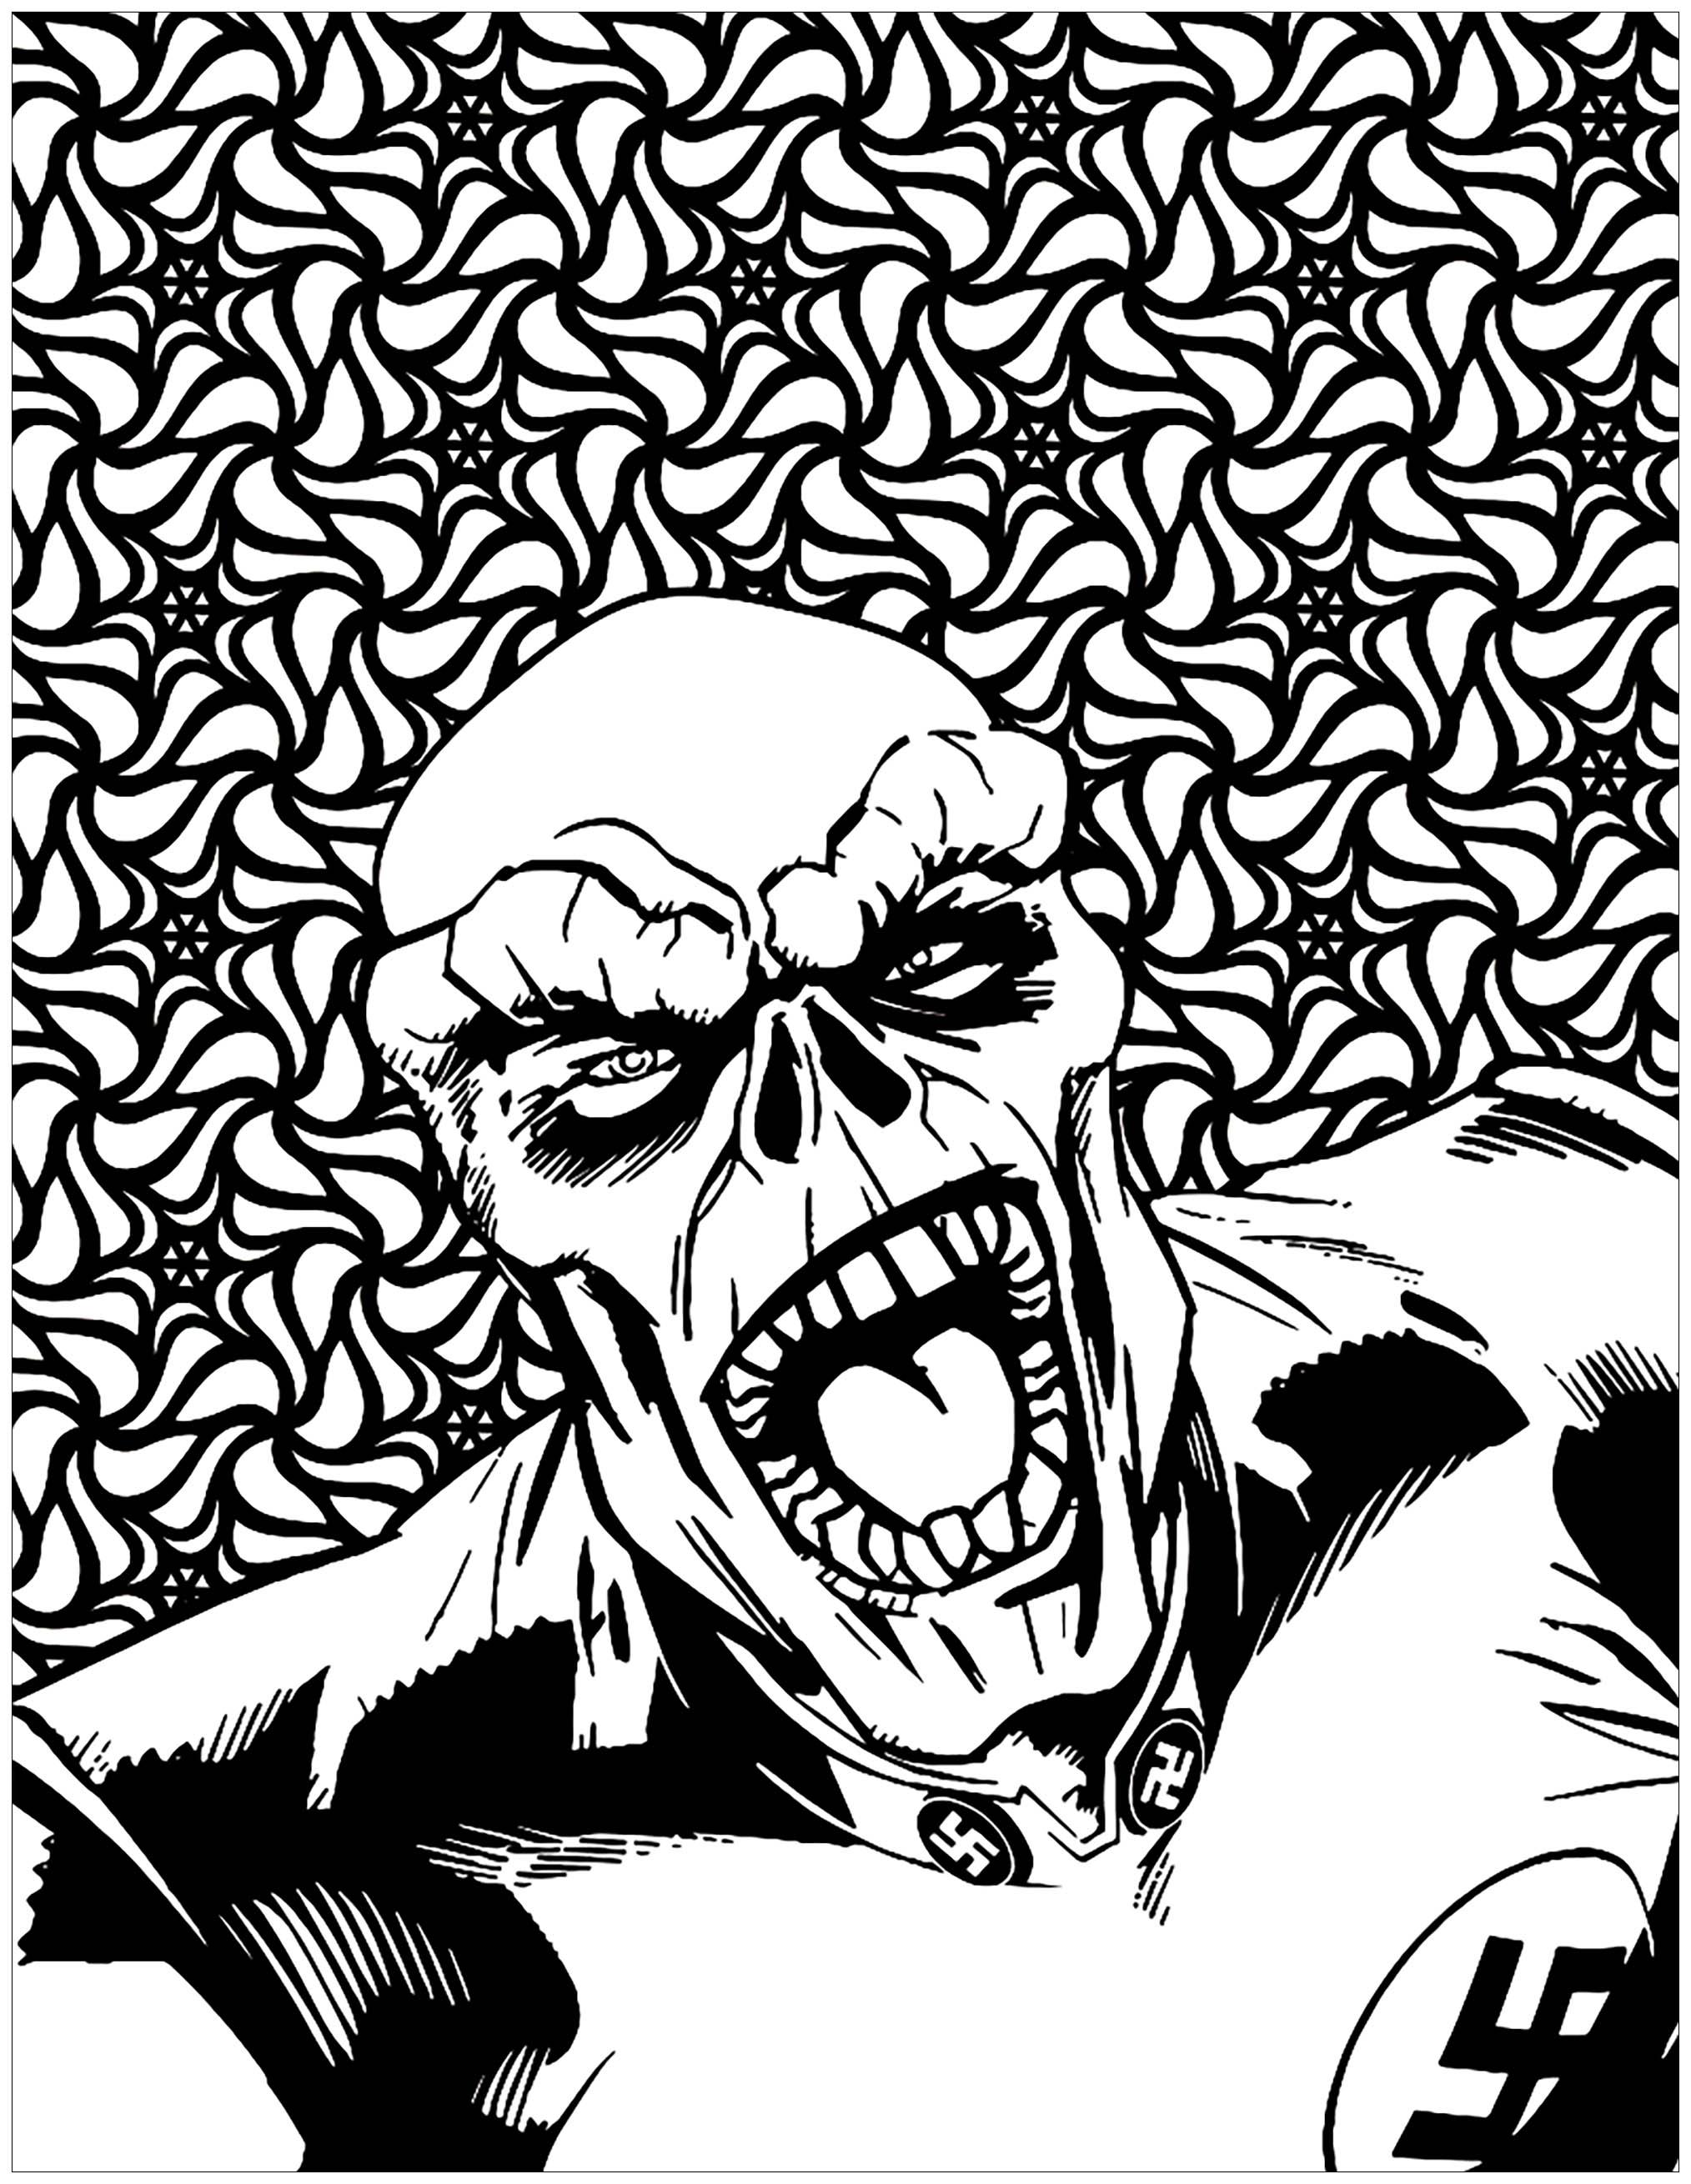 Mechants marvel red skull livres et comics coloriages difficiles pour adultes - Comics dessin ...